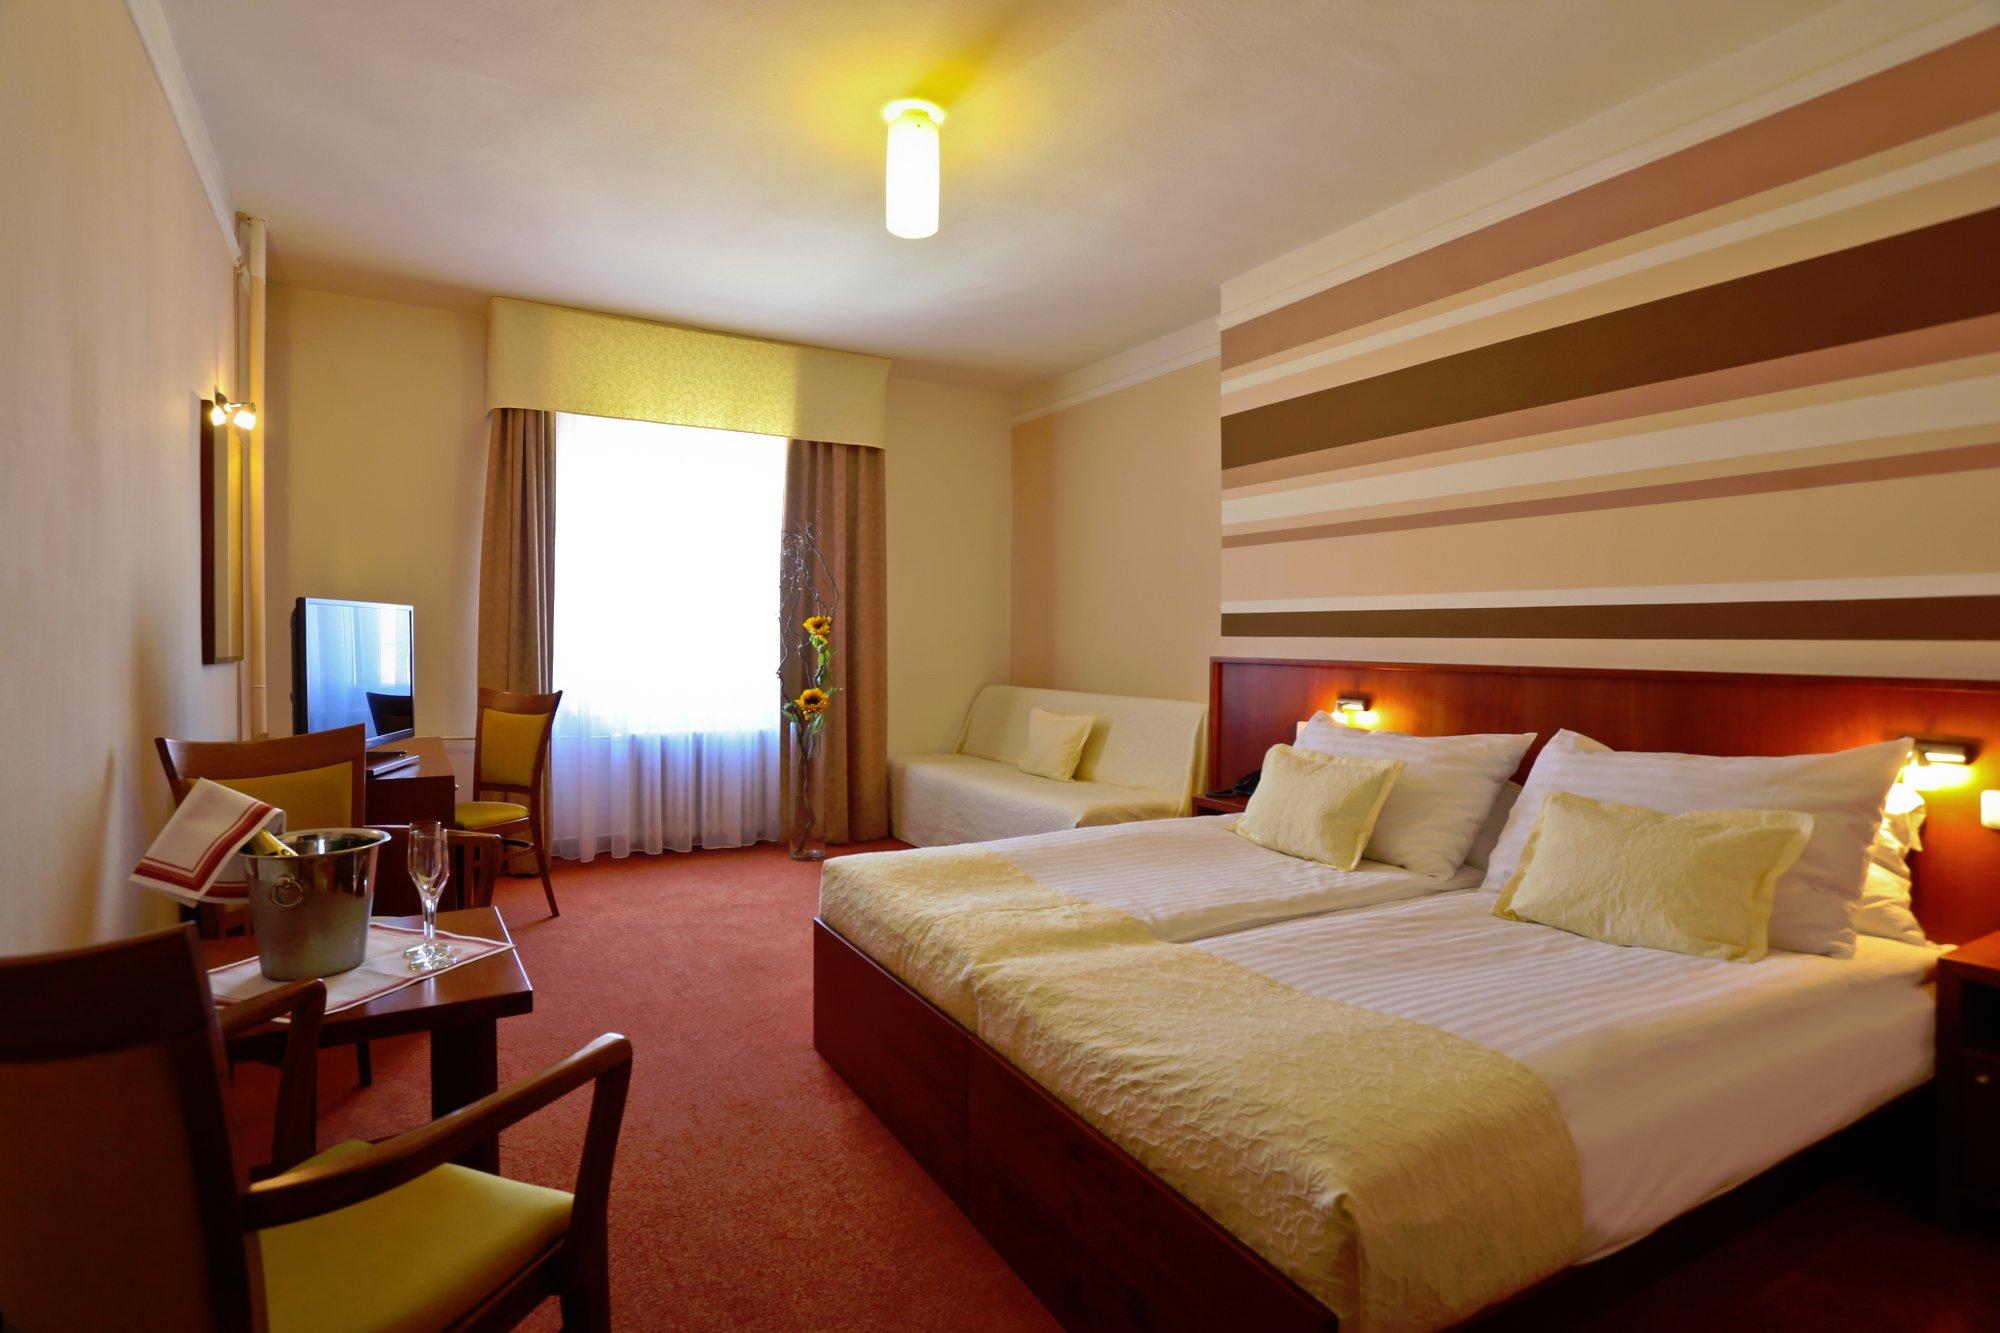 โรงแรมแอตแลนติค